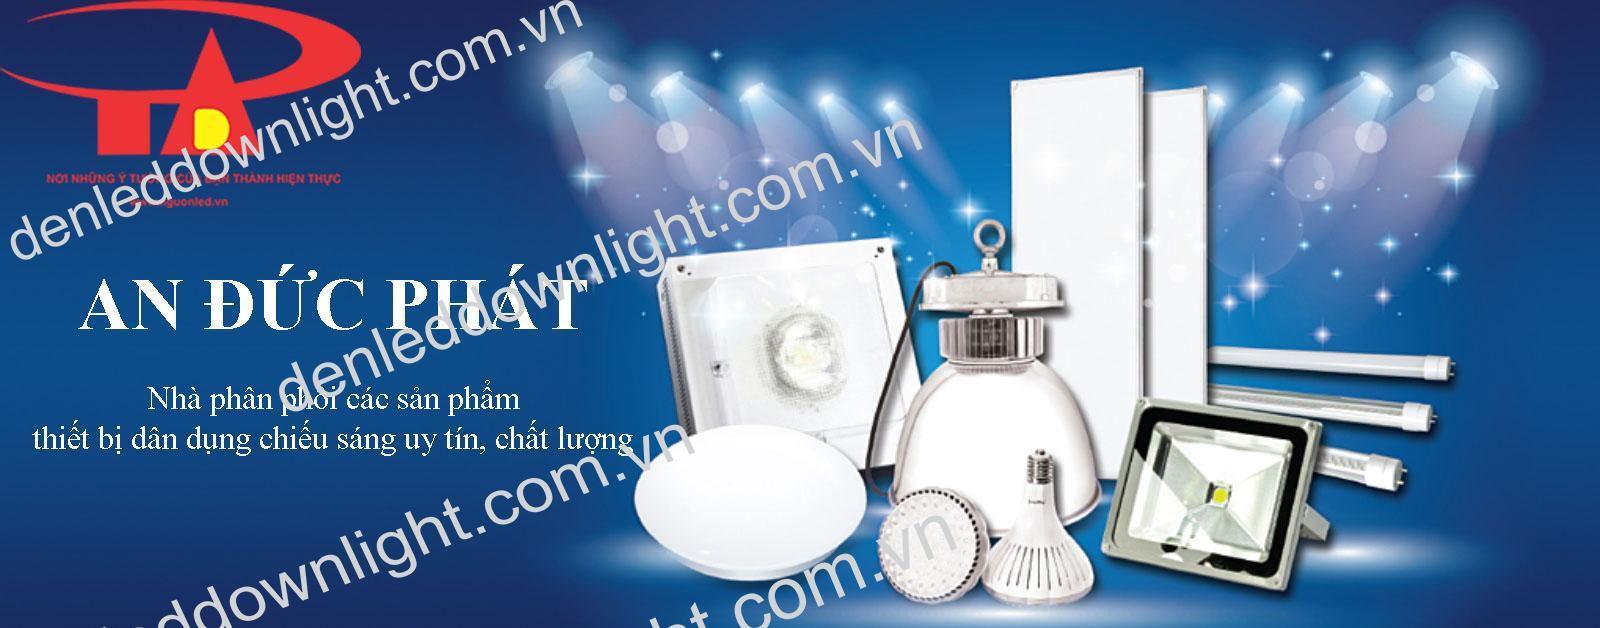 công ty cung cấp đèn led chiếu sáng trong nhà và ngoài trời An Đức Phát